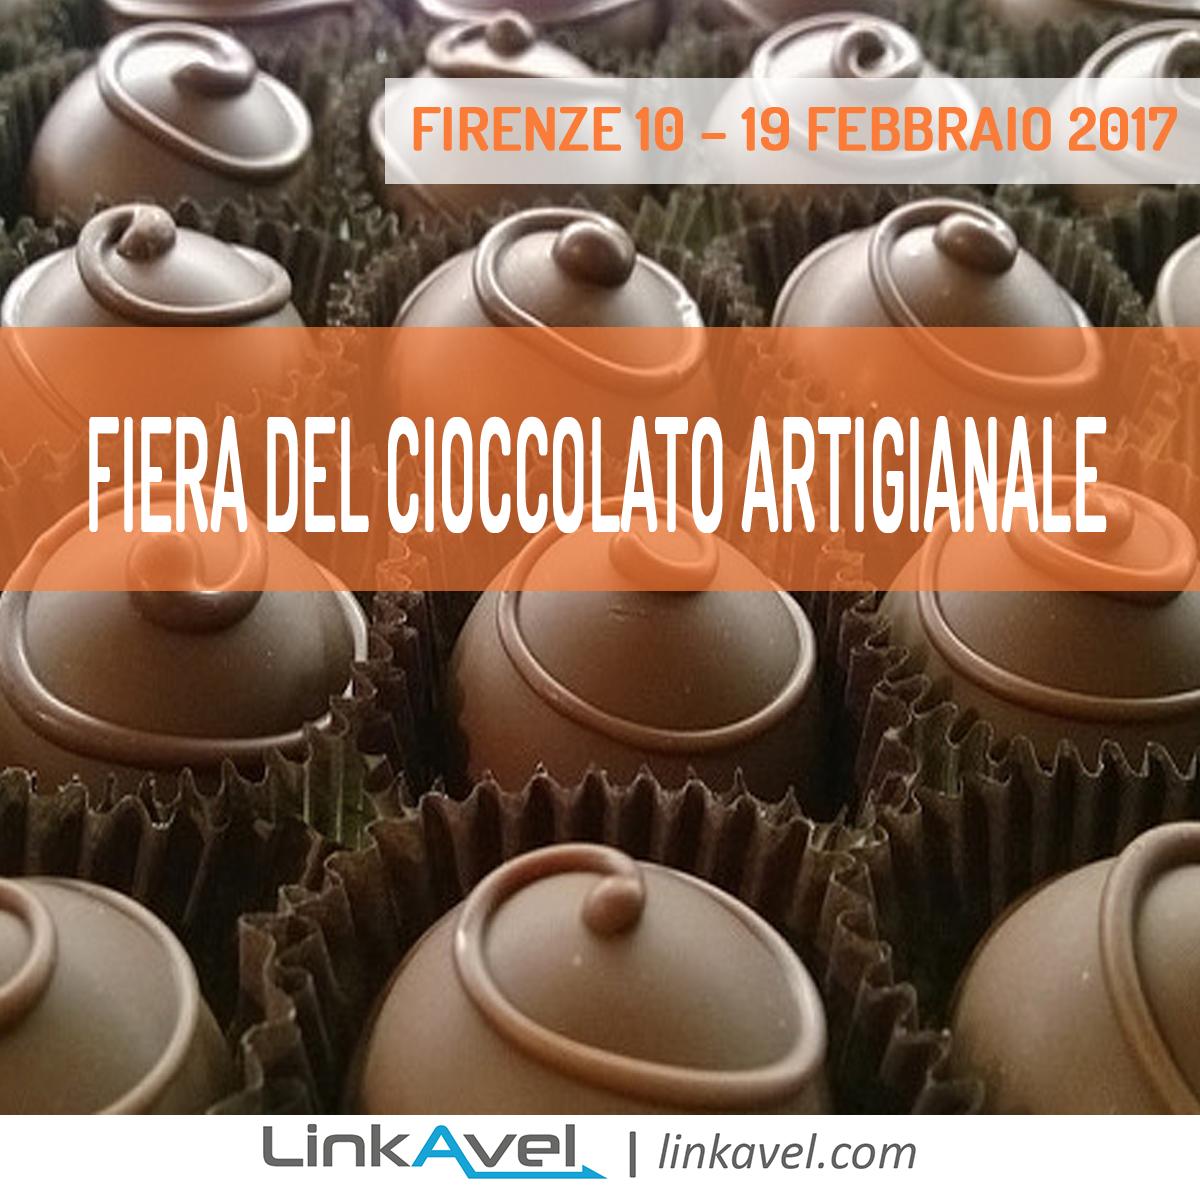 Fiera del Cioccolato | 10-19 Febbraio 2017 | Firenze